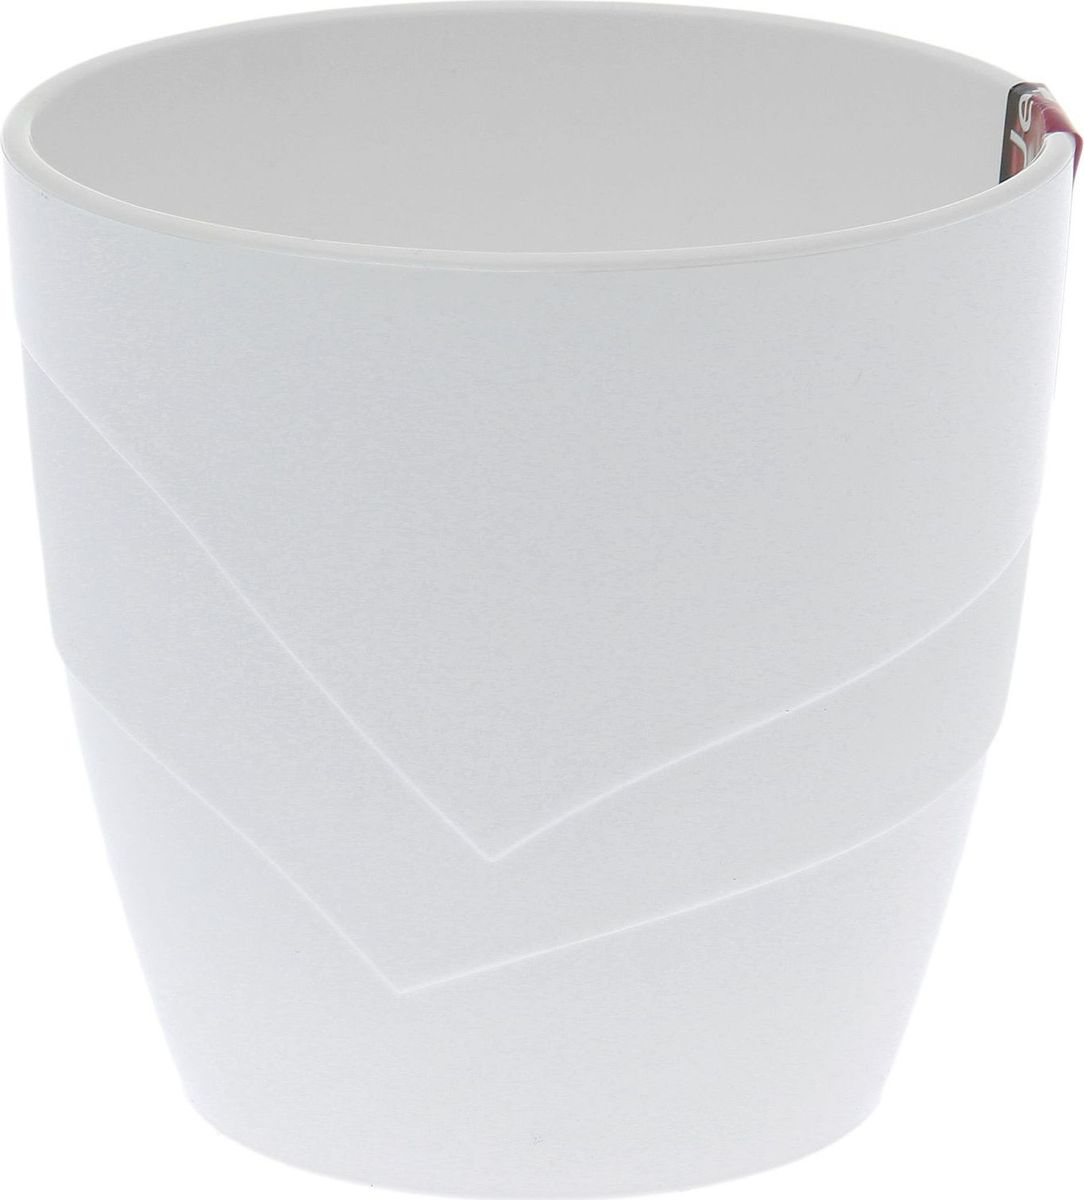 Кашпо JetPlast Грация, цвет: белый, 1,2 л кашпо jetplast альфа с креплением цвет кремовый 1 л